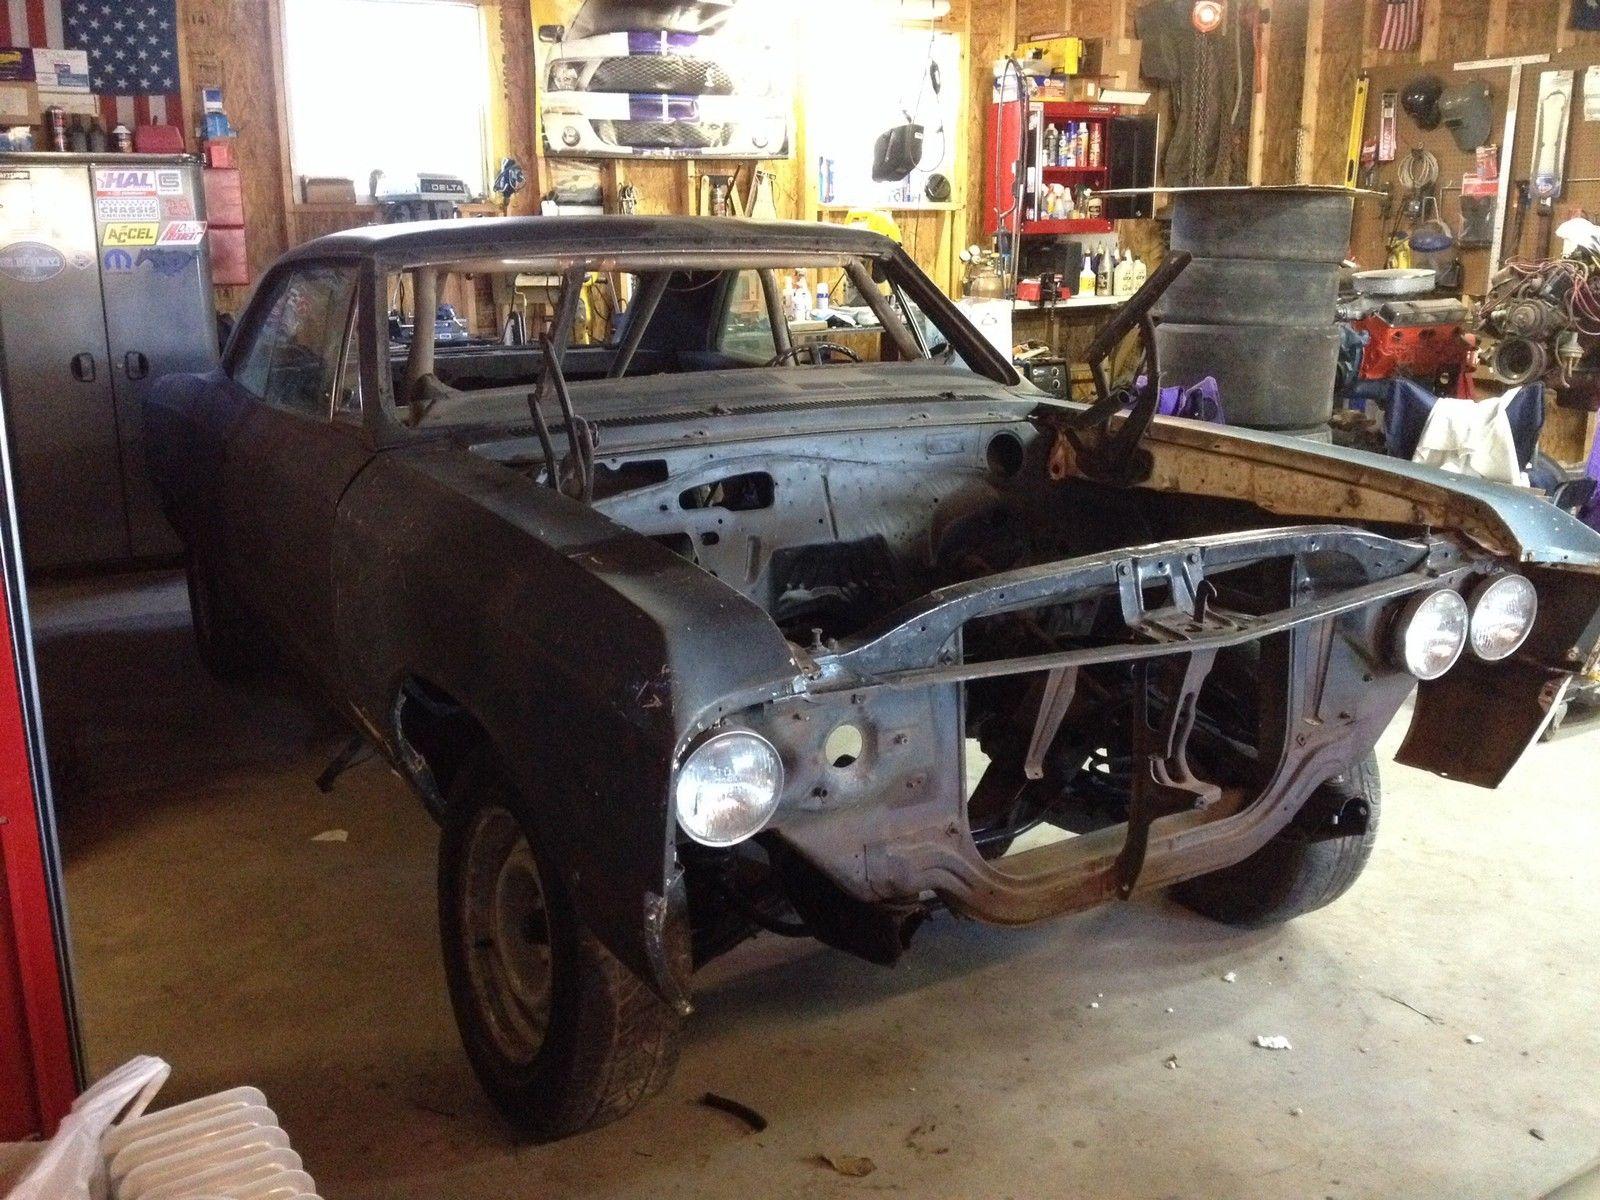 67 Chevelle Malibu (Project Car) - Classic Chevrolet Chevelle 1967 ...